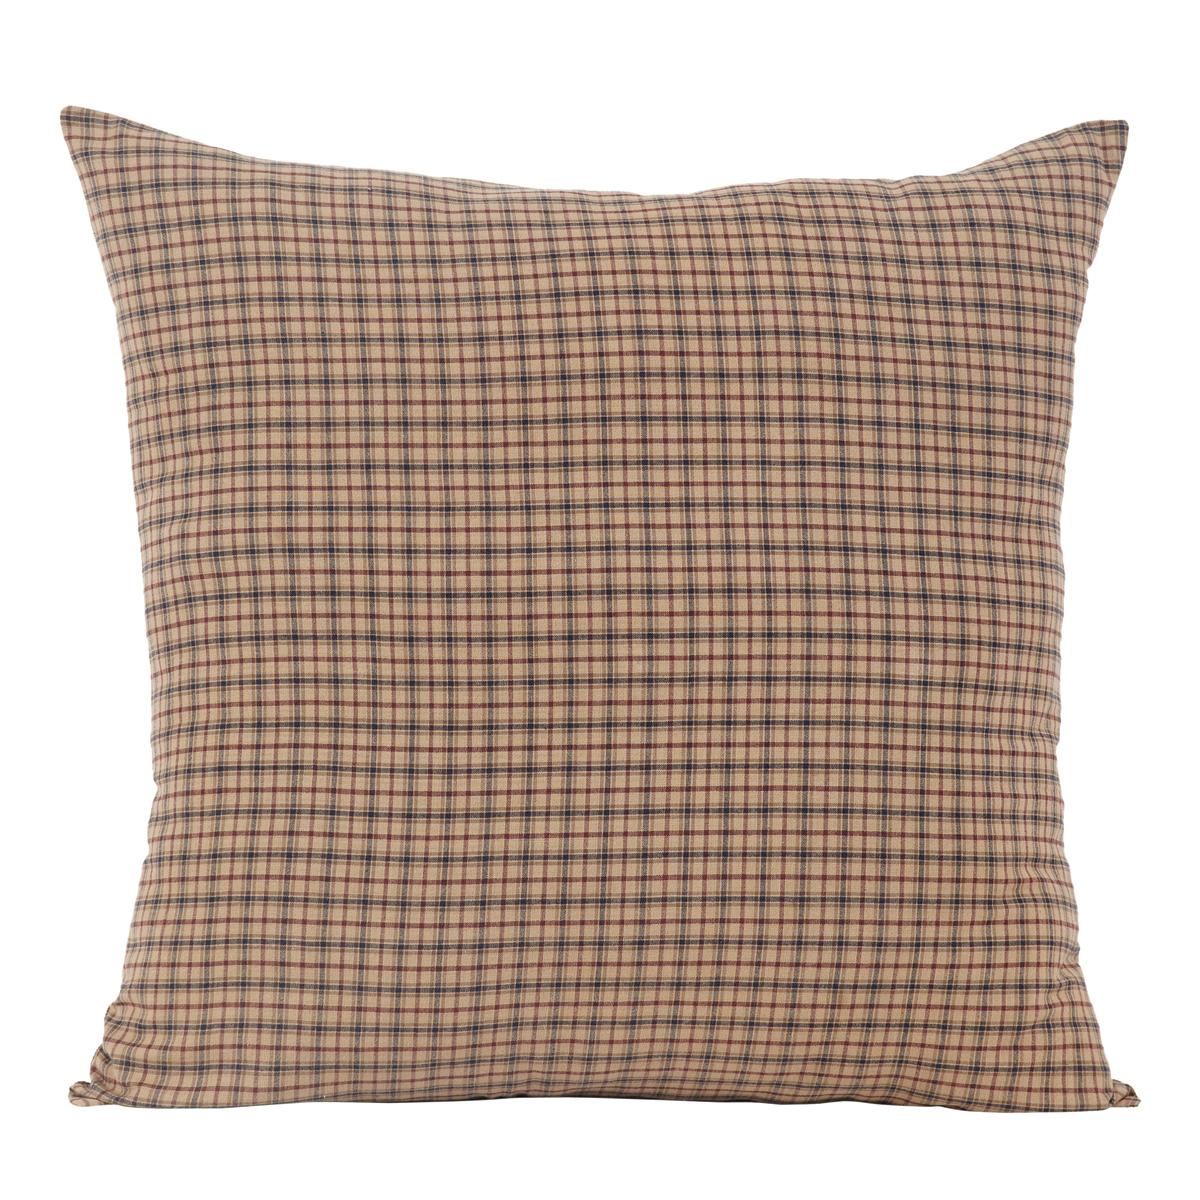 Millsboro fabric